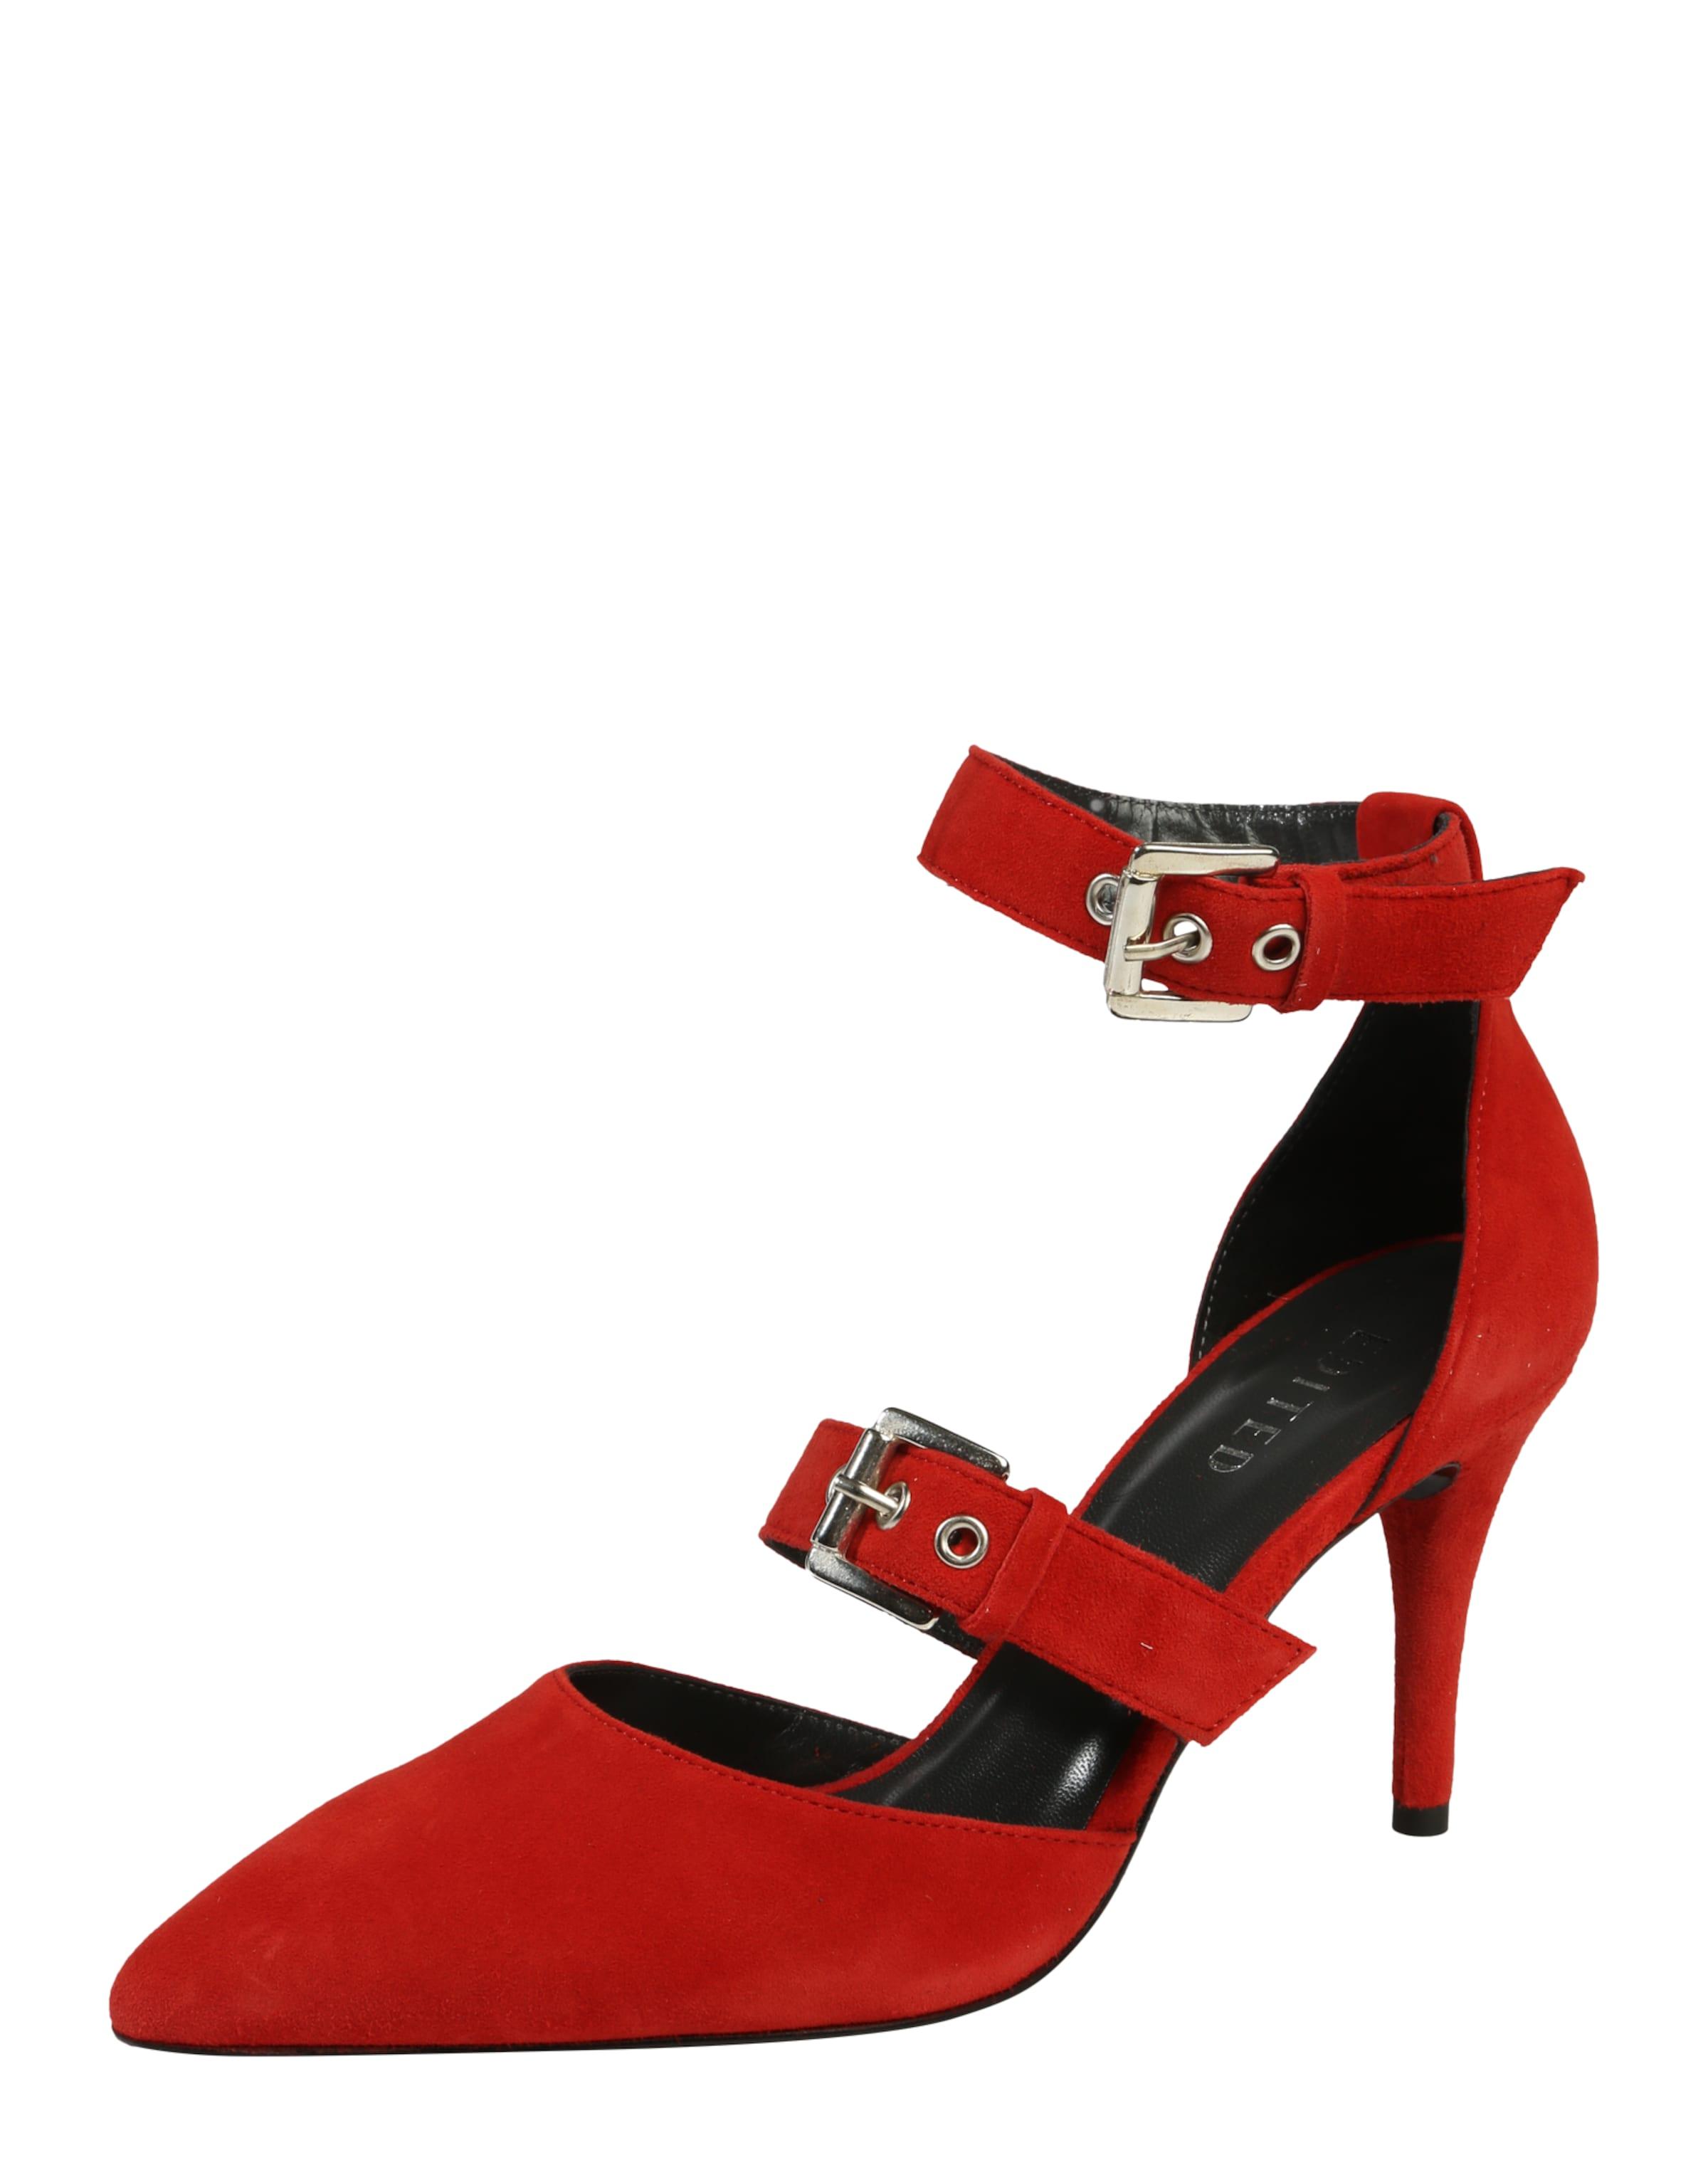 Sandales Avec Ceinture Rouge Sous La Direction « Elisa » 5YGw7DGAW